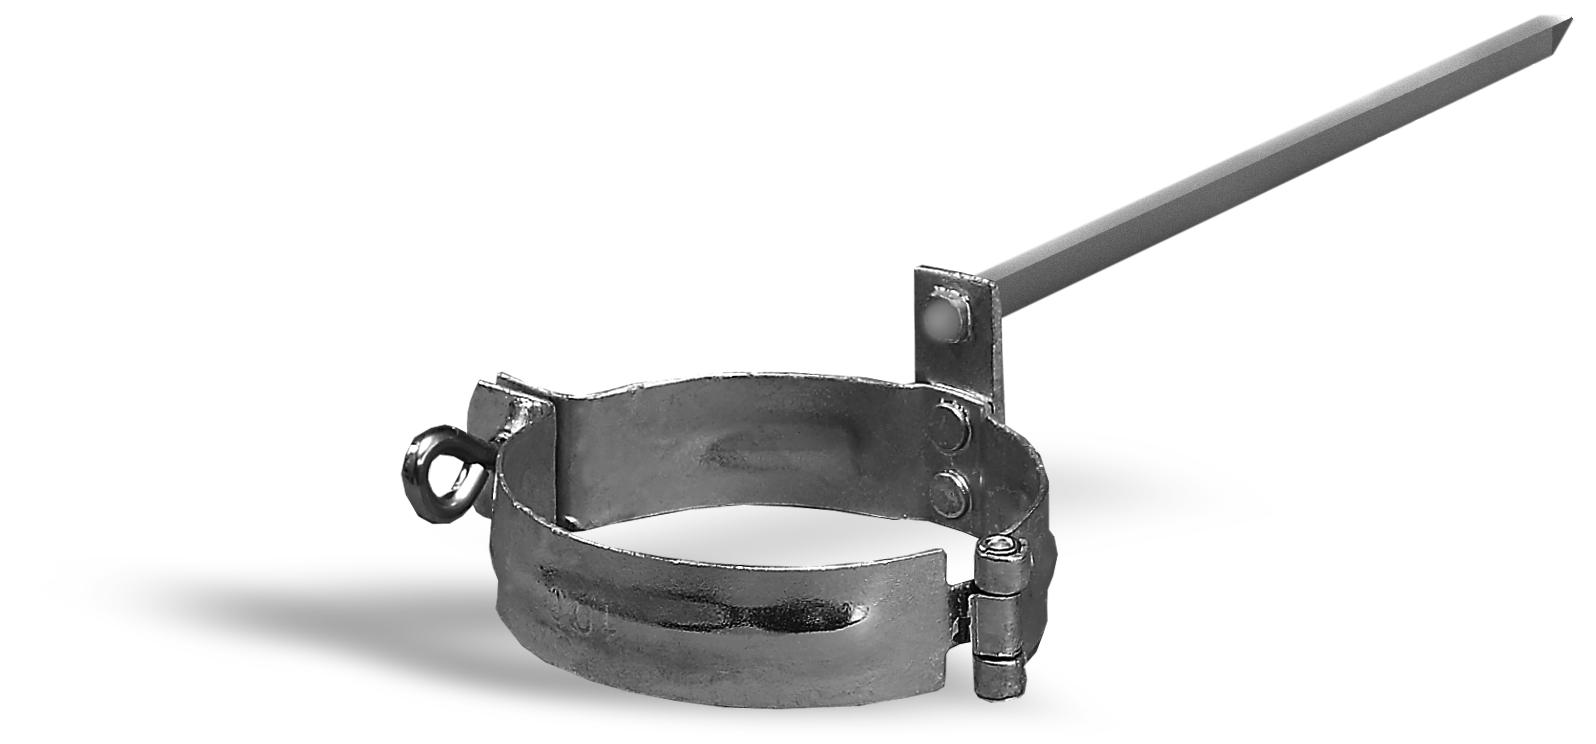 Jgheaburi, burlane si accesorii pentru evacuare ape ZAMBELLI - Poza 108